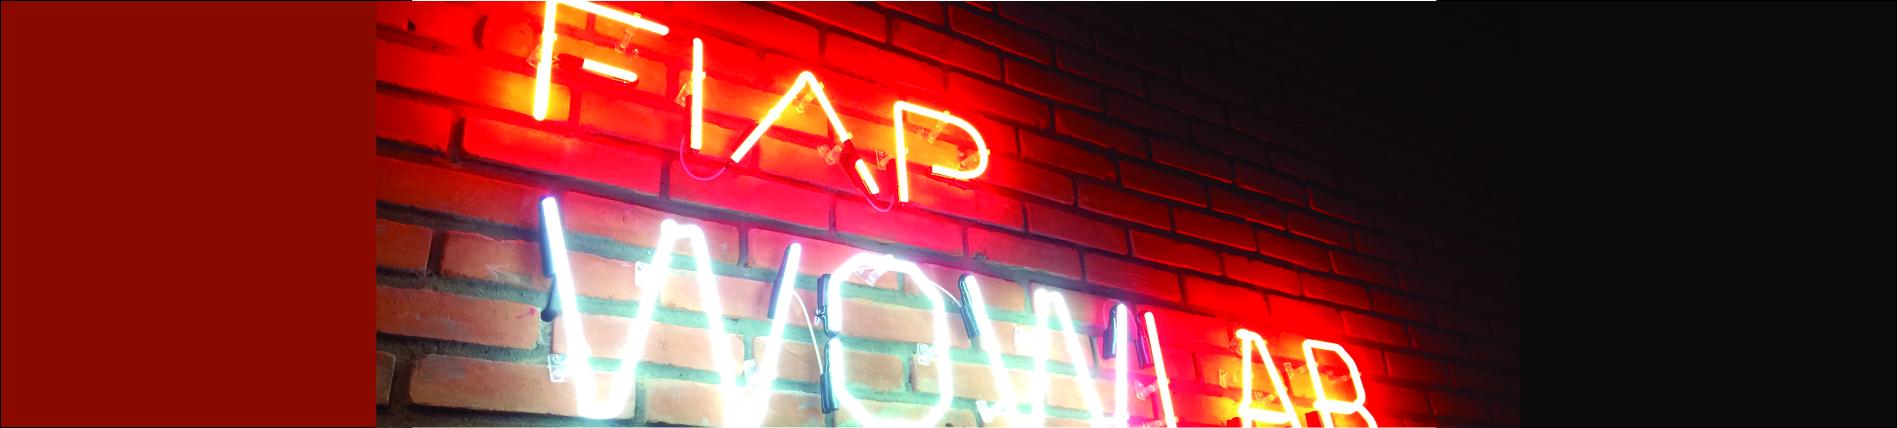 Fiap - letreiro em neon